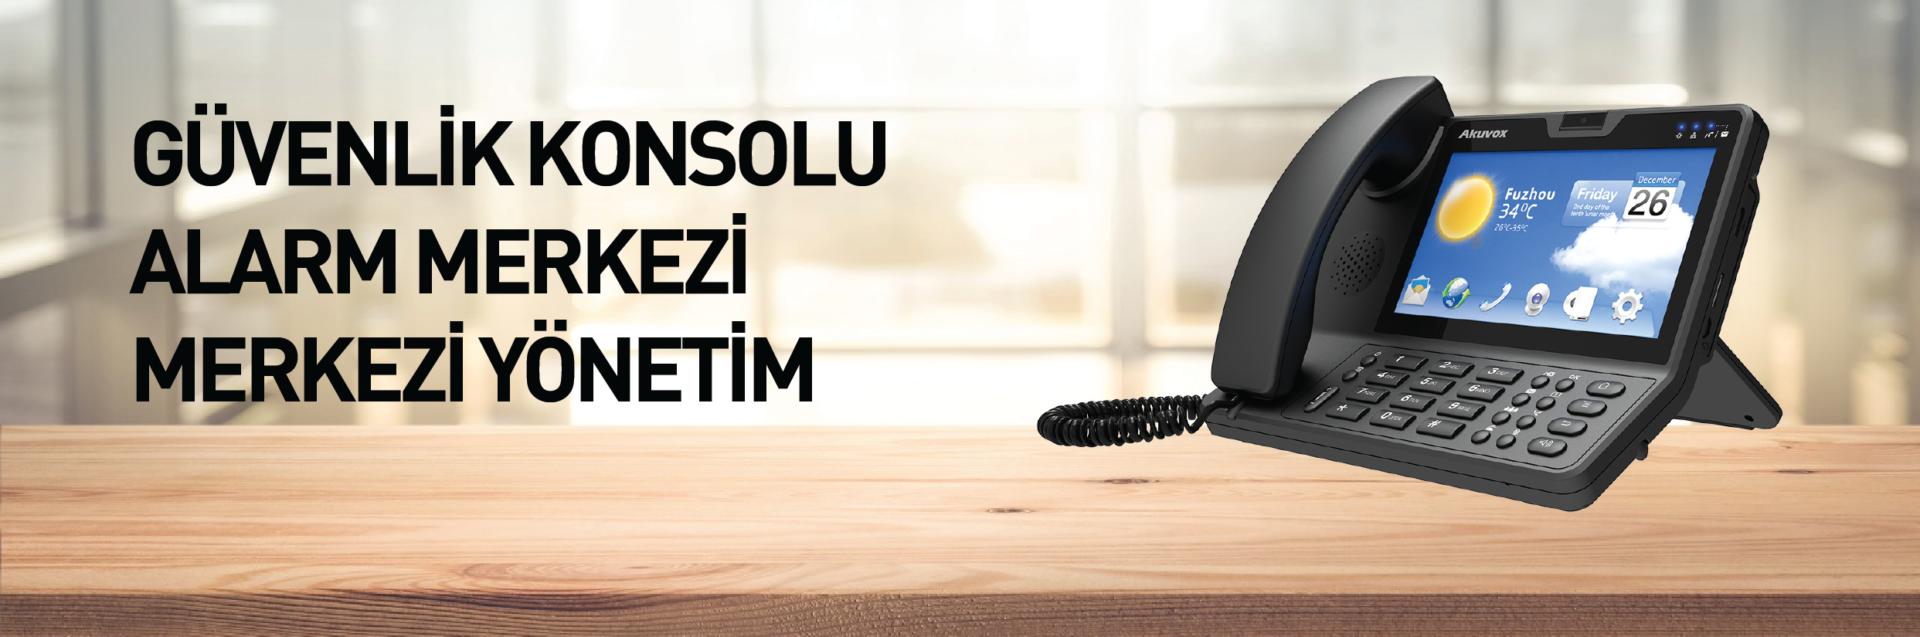 akuvox-merkezi-yonetim-banner